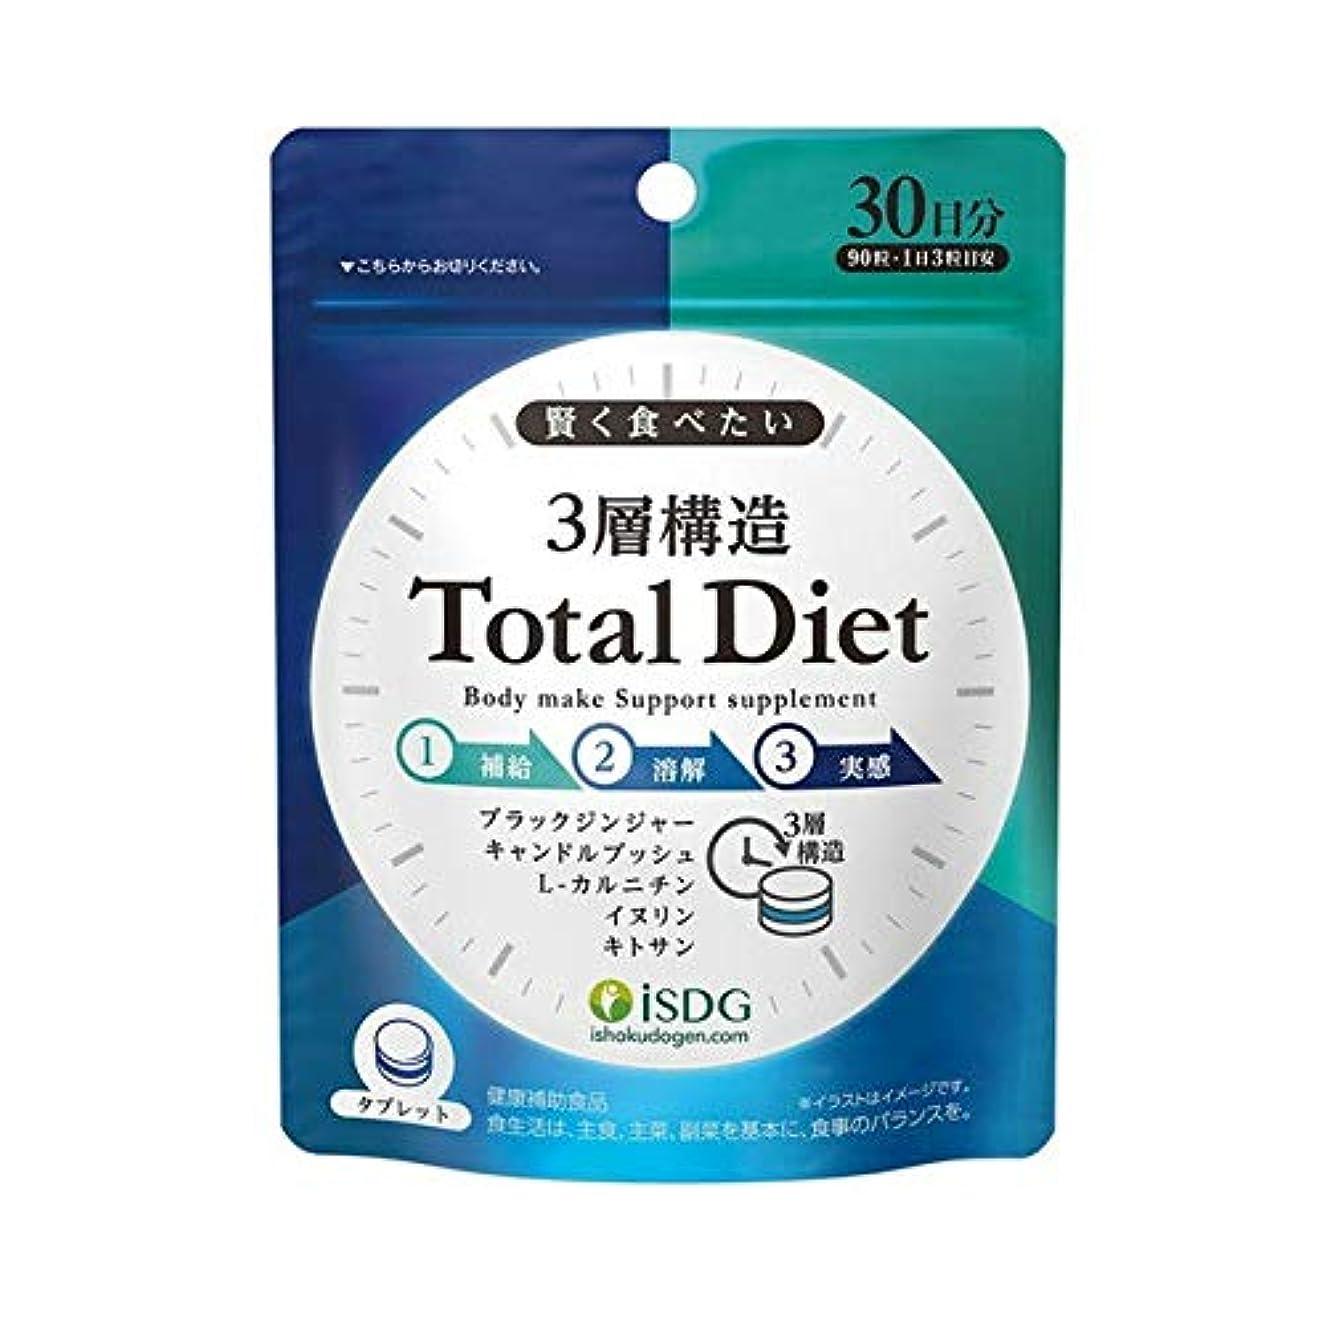 初期田舎句読点医食同源ドットコム ISDG 3層構造 Total Diet 90粒入 トータル ダイエット×3個セット